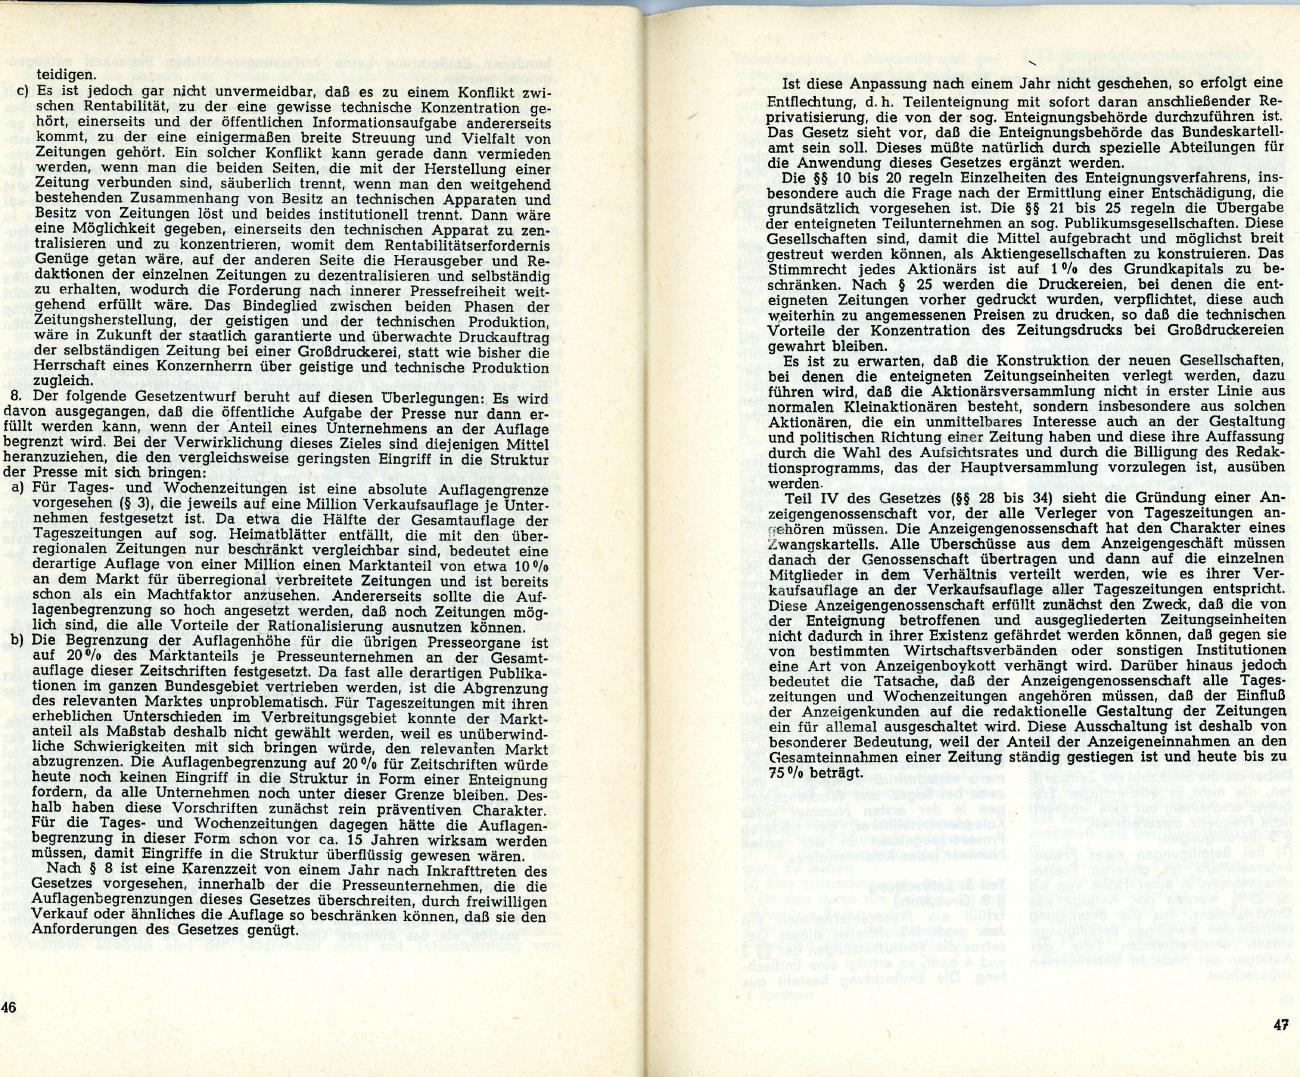 Berlin_RC_1967_Springer_enteignen_26